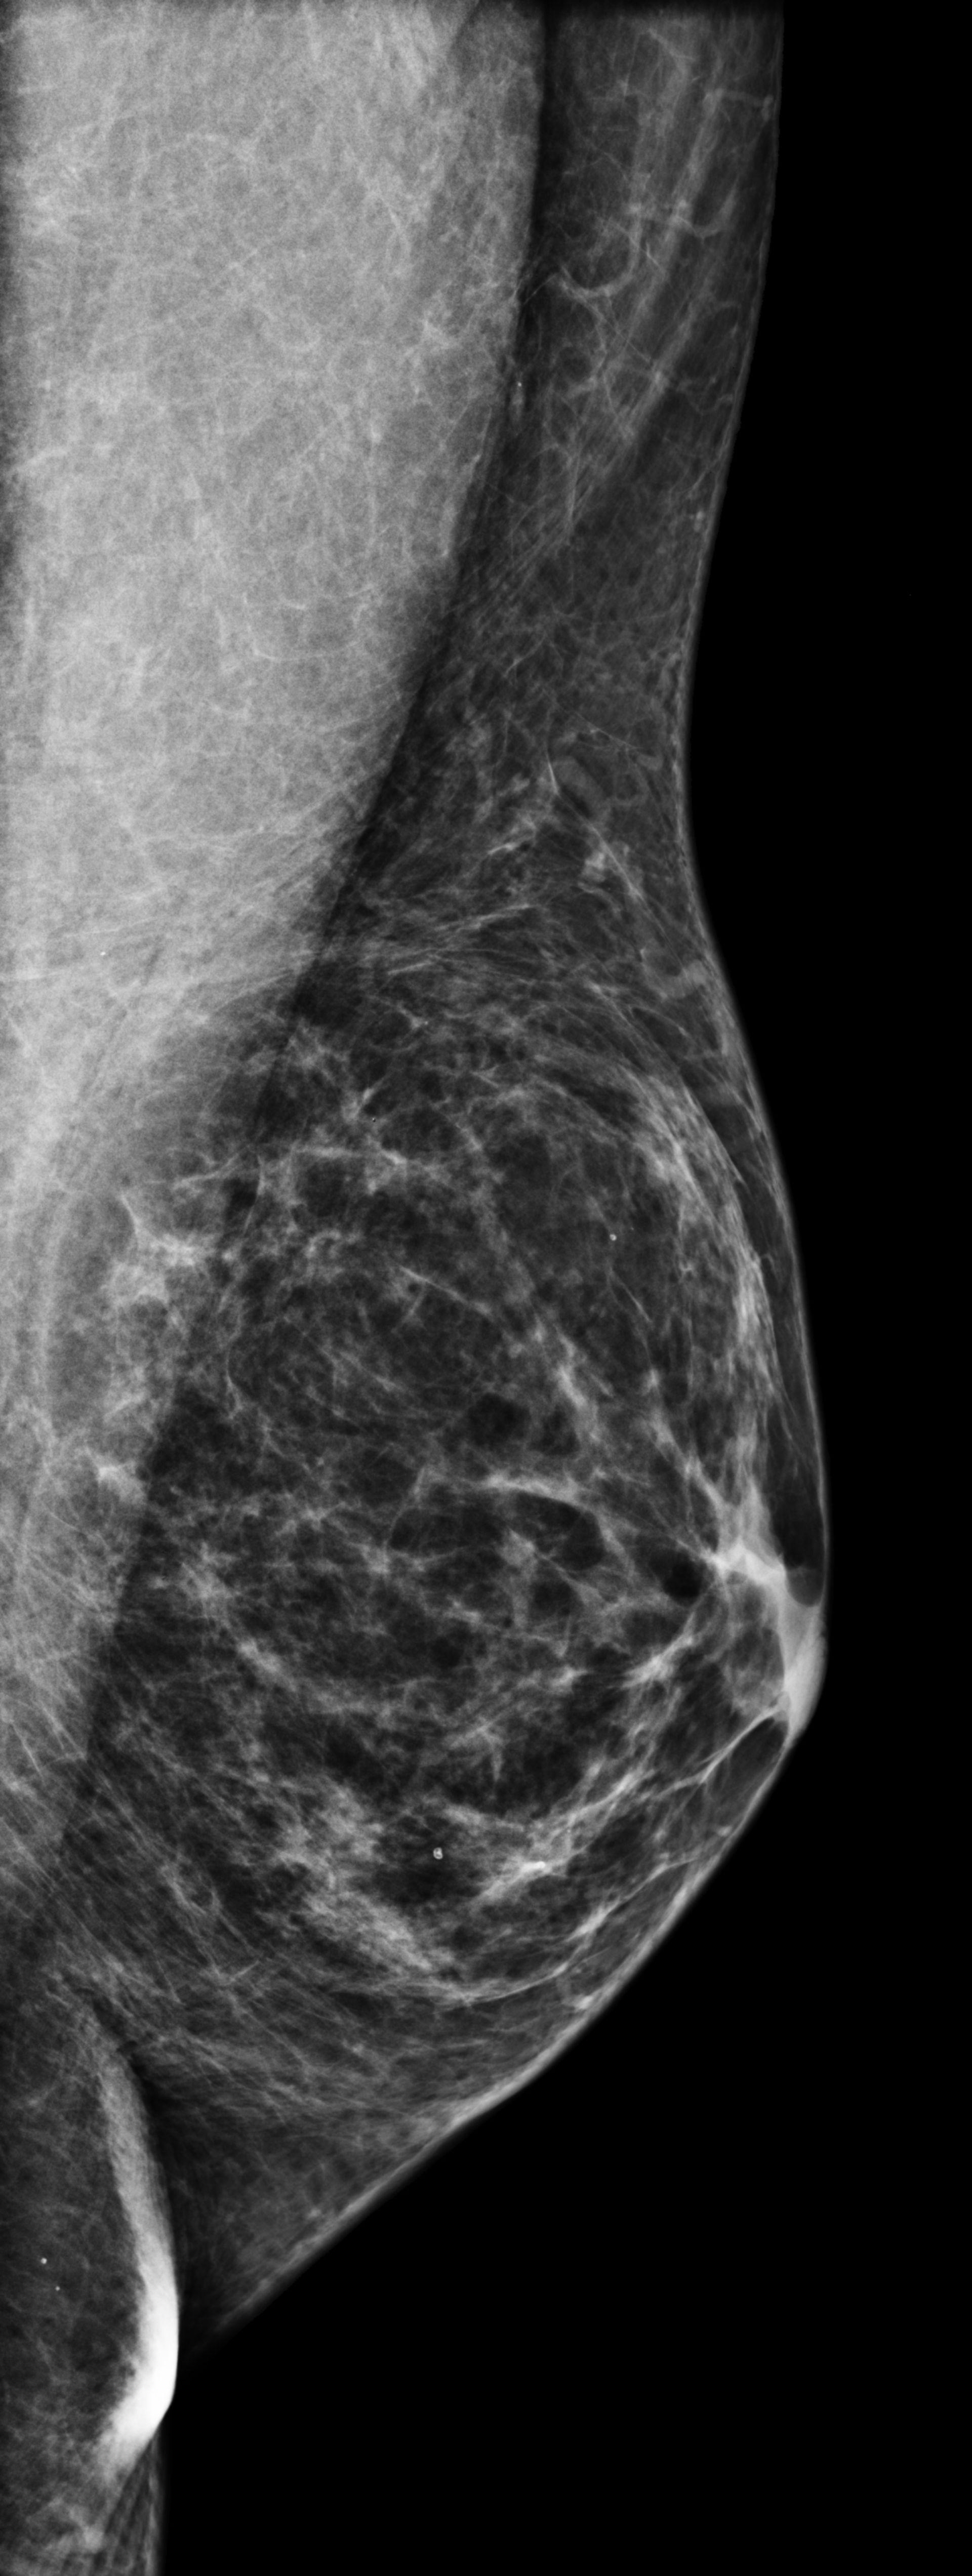 Gynäkomastie (Vergrößerung der männlichen Brustdrüse) II